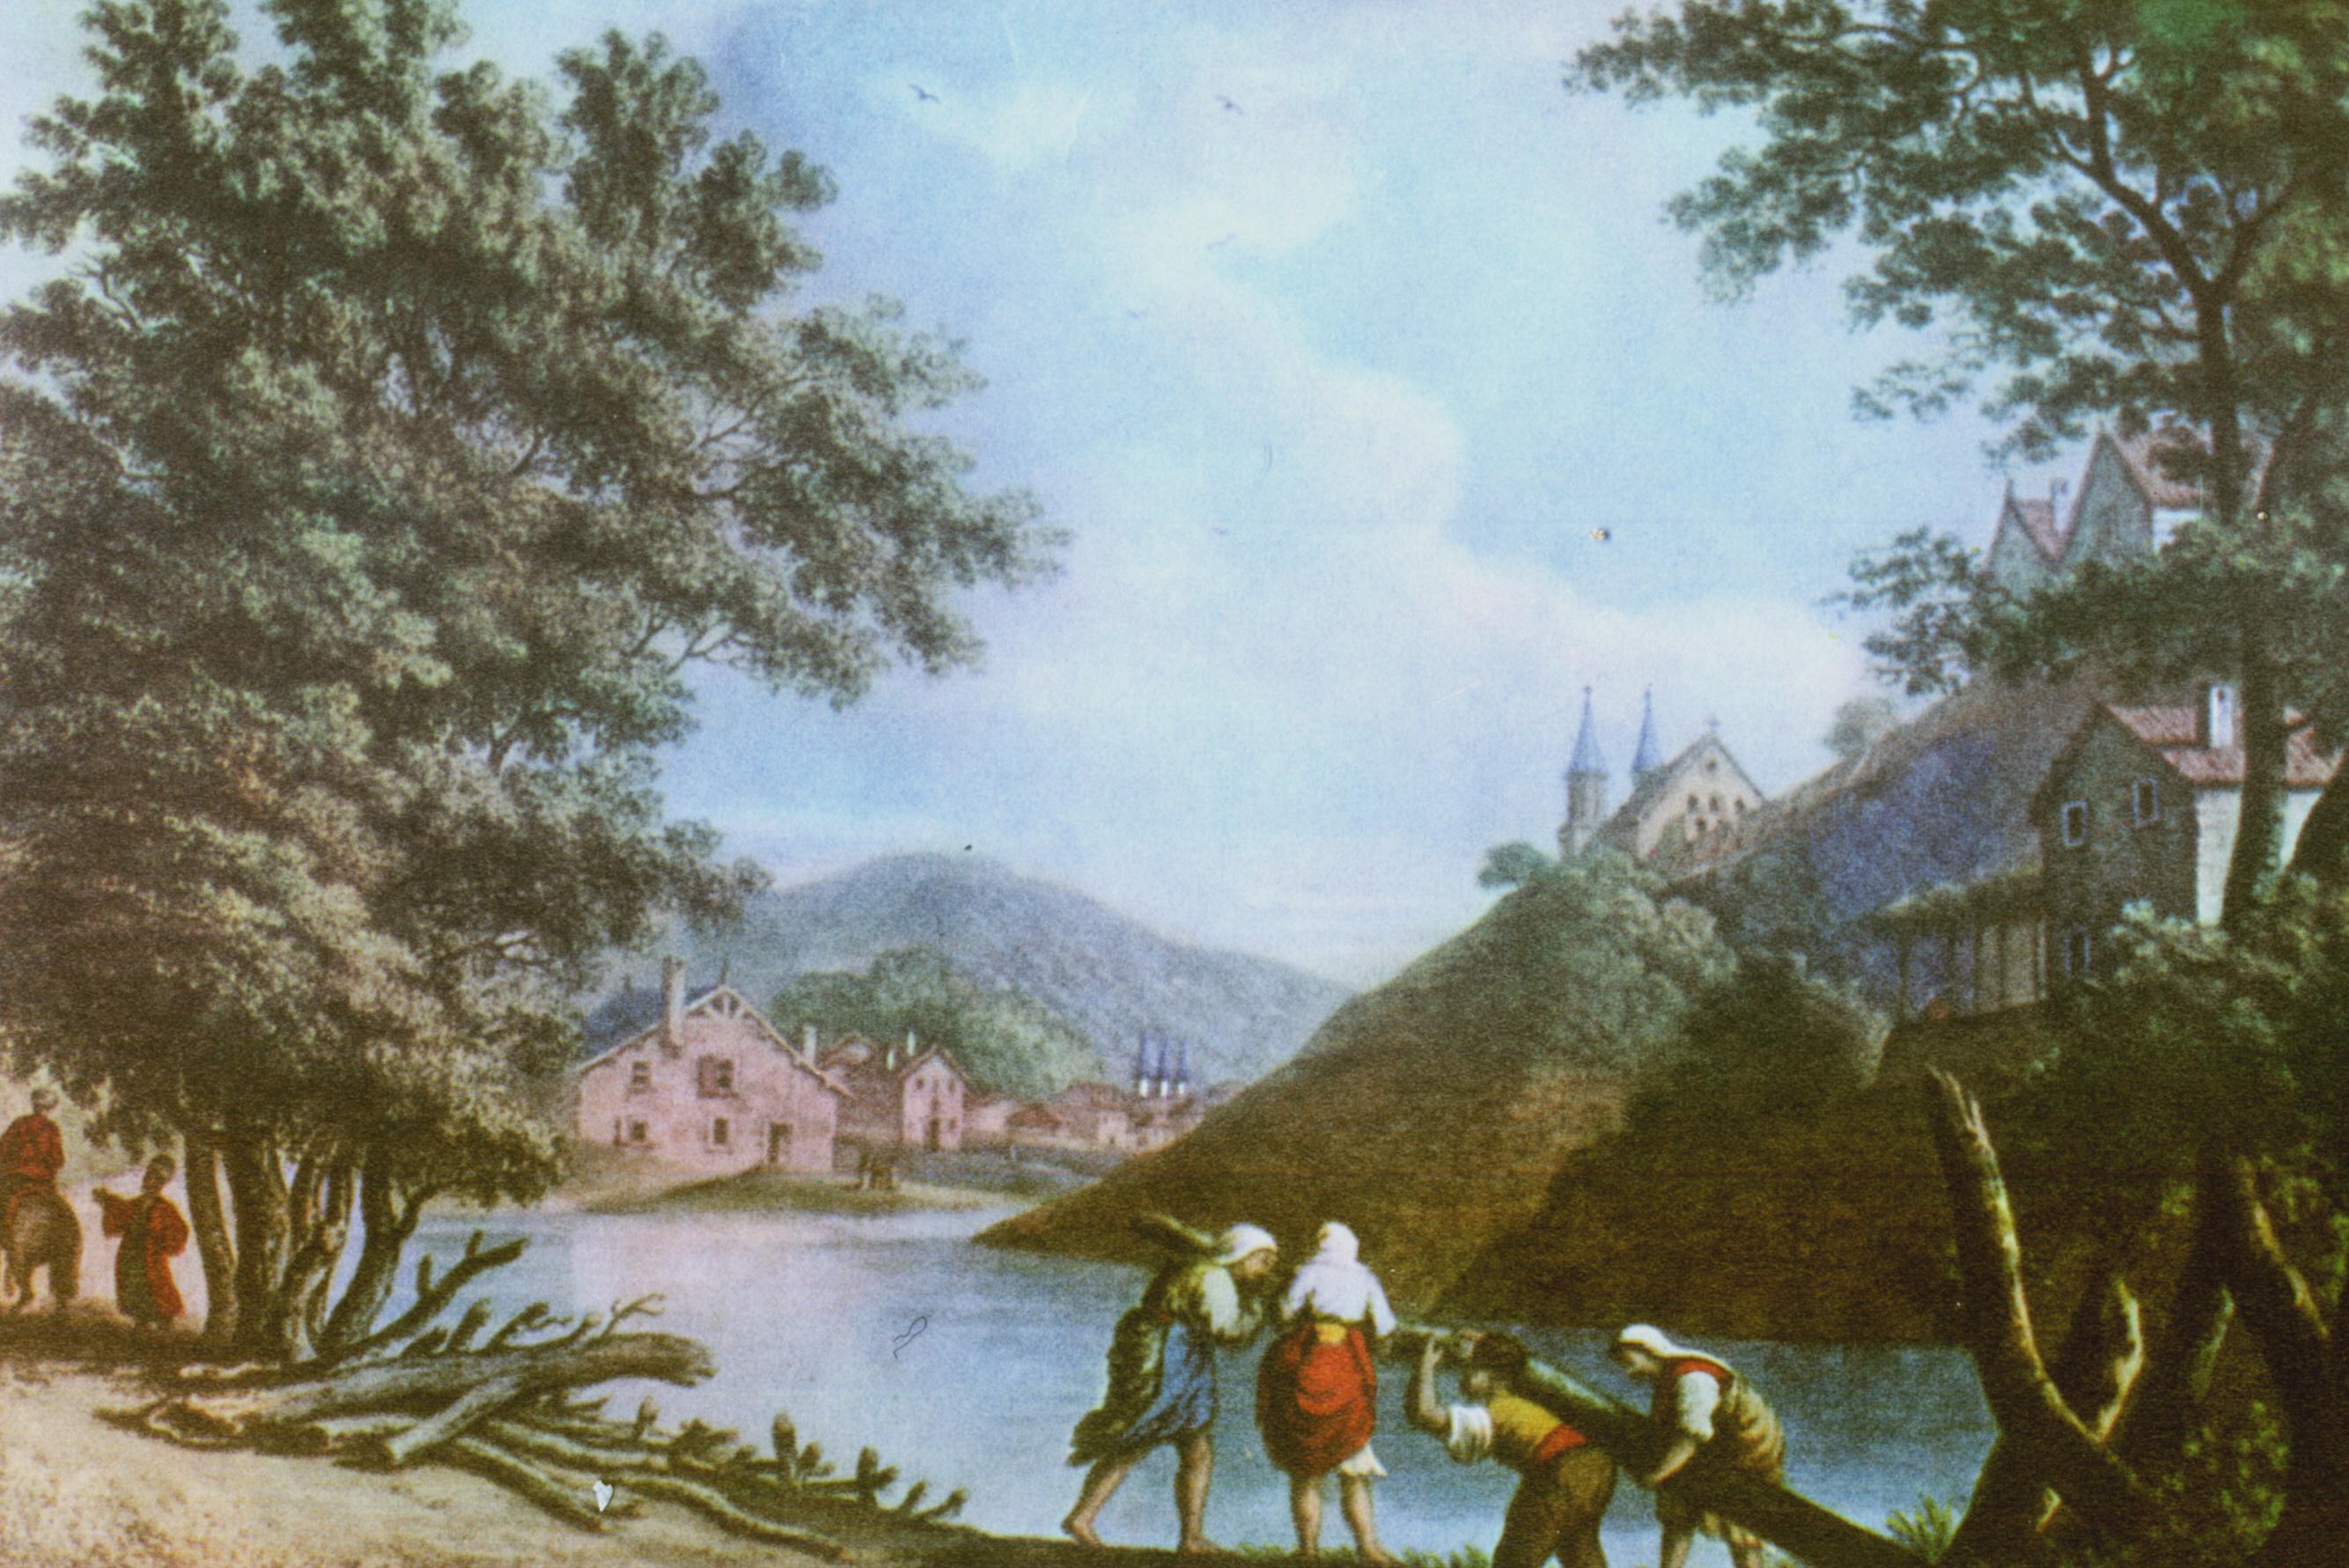 Fişier:Lugi Mayer - Pitesti in 1793.jpg